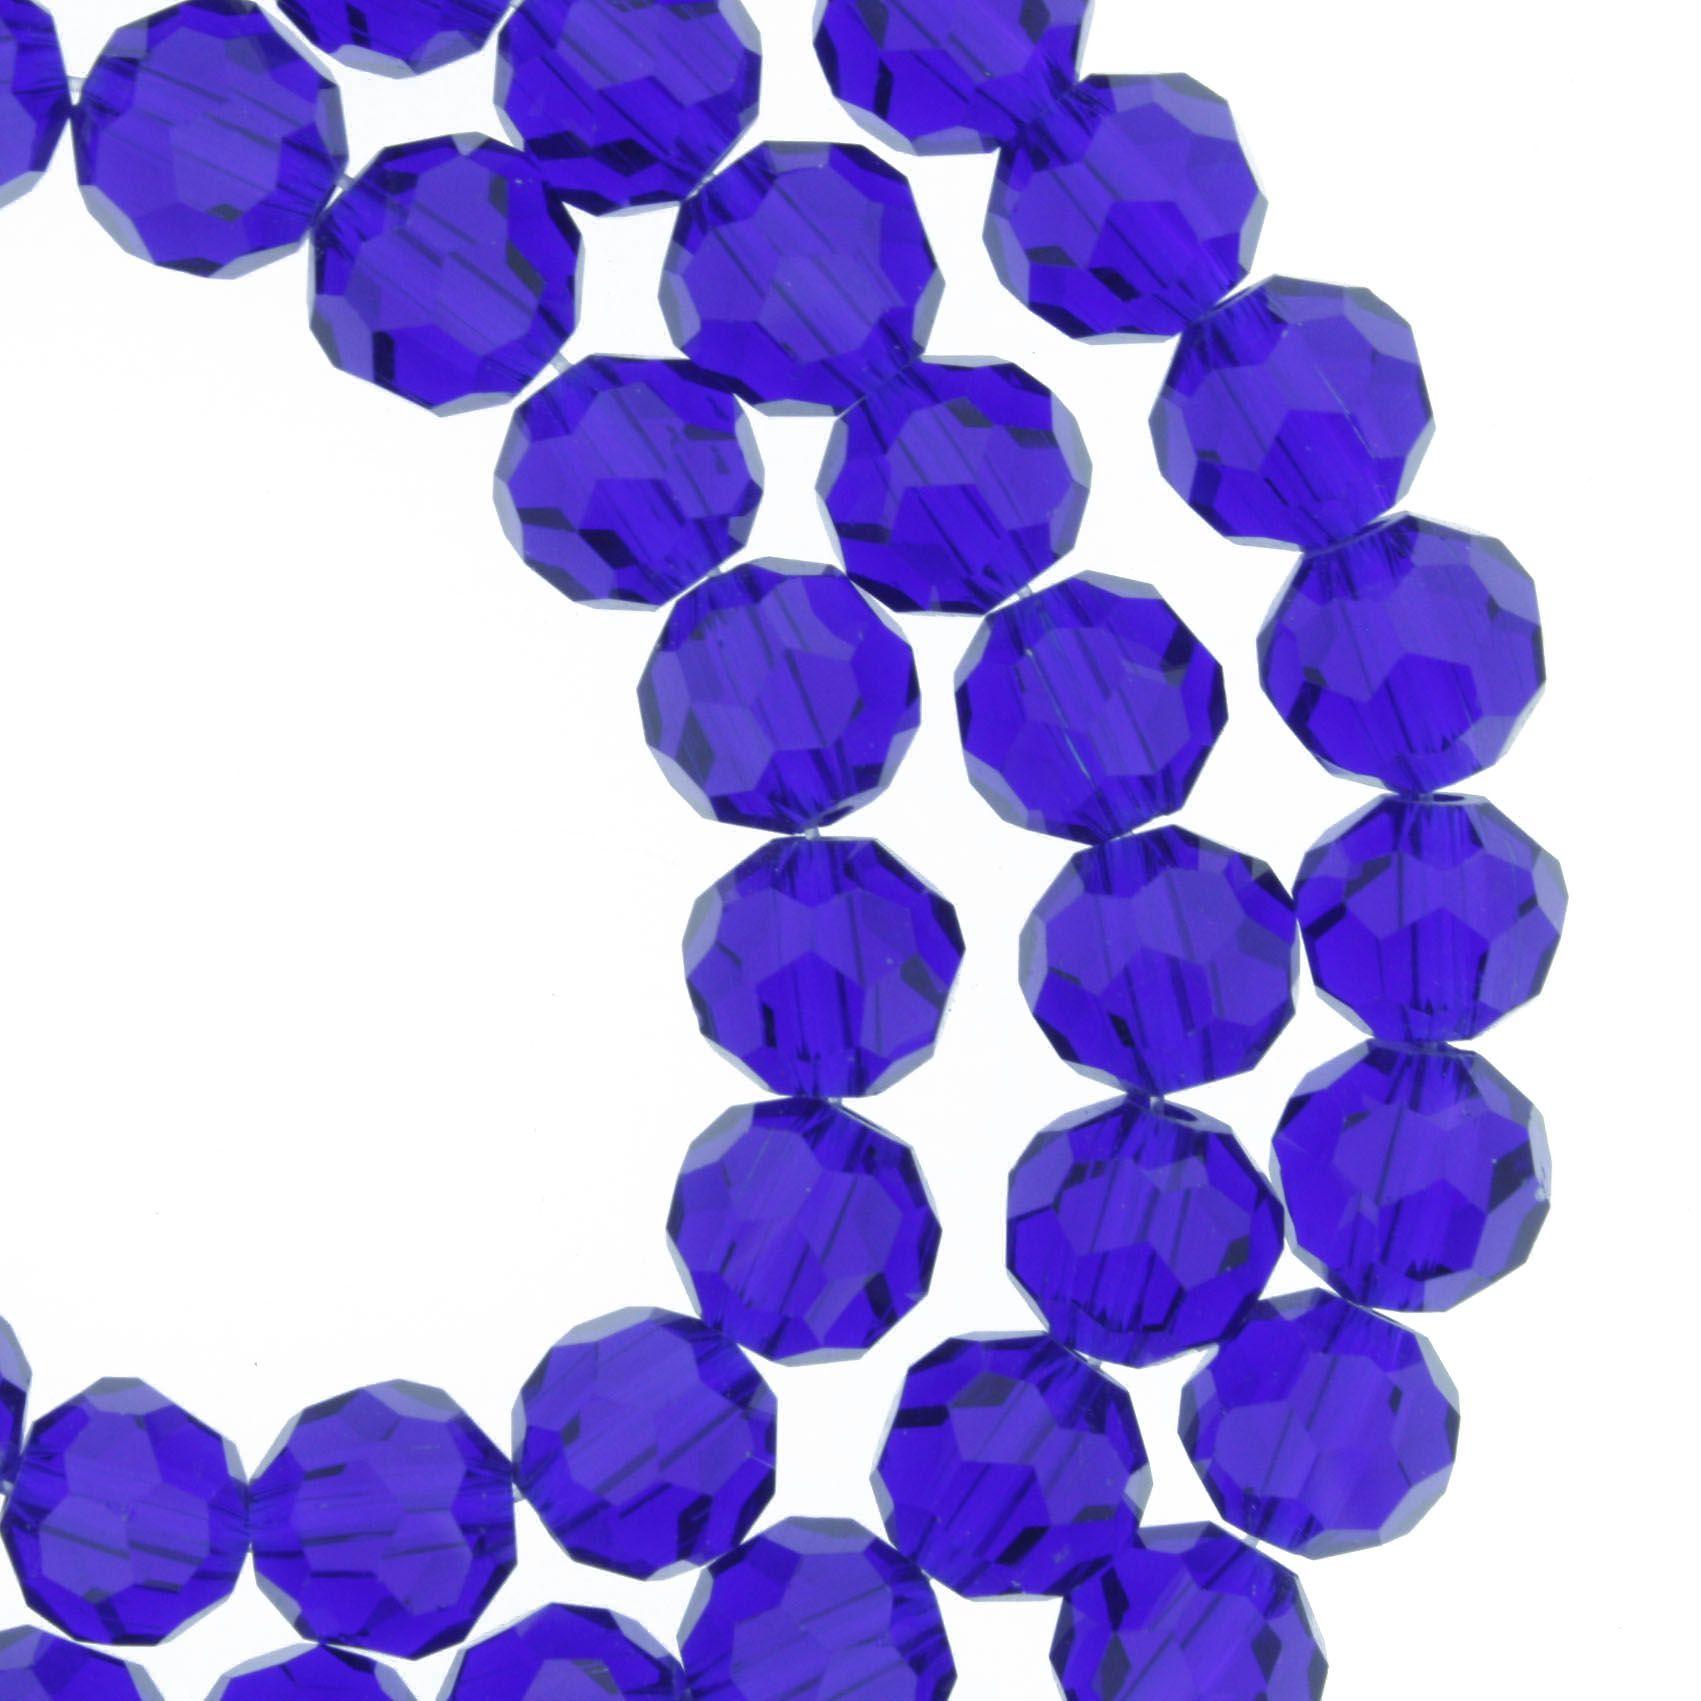 Fio de Cristal - Bello® - Azul Royal Transparente - 8mm  - Universo Religioso® - Artigos de Umbanda e Candomblé